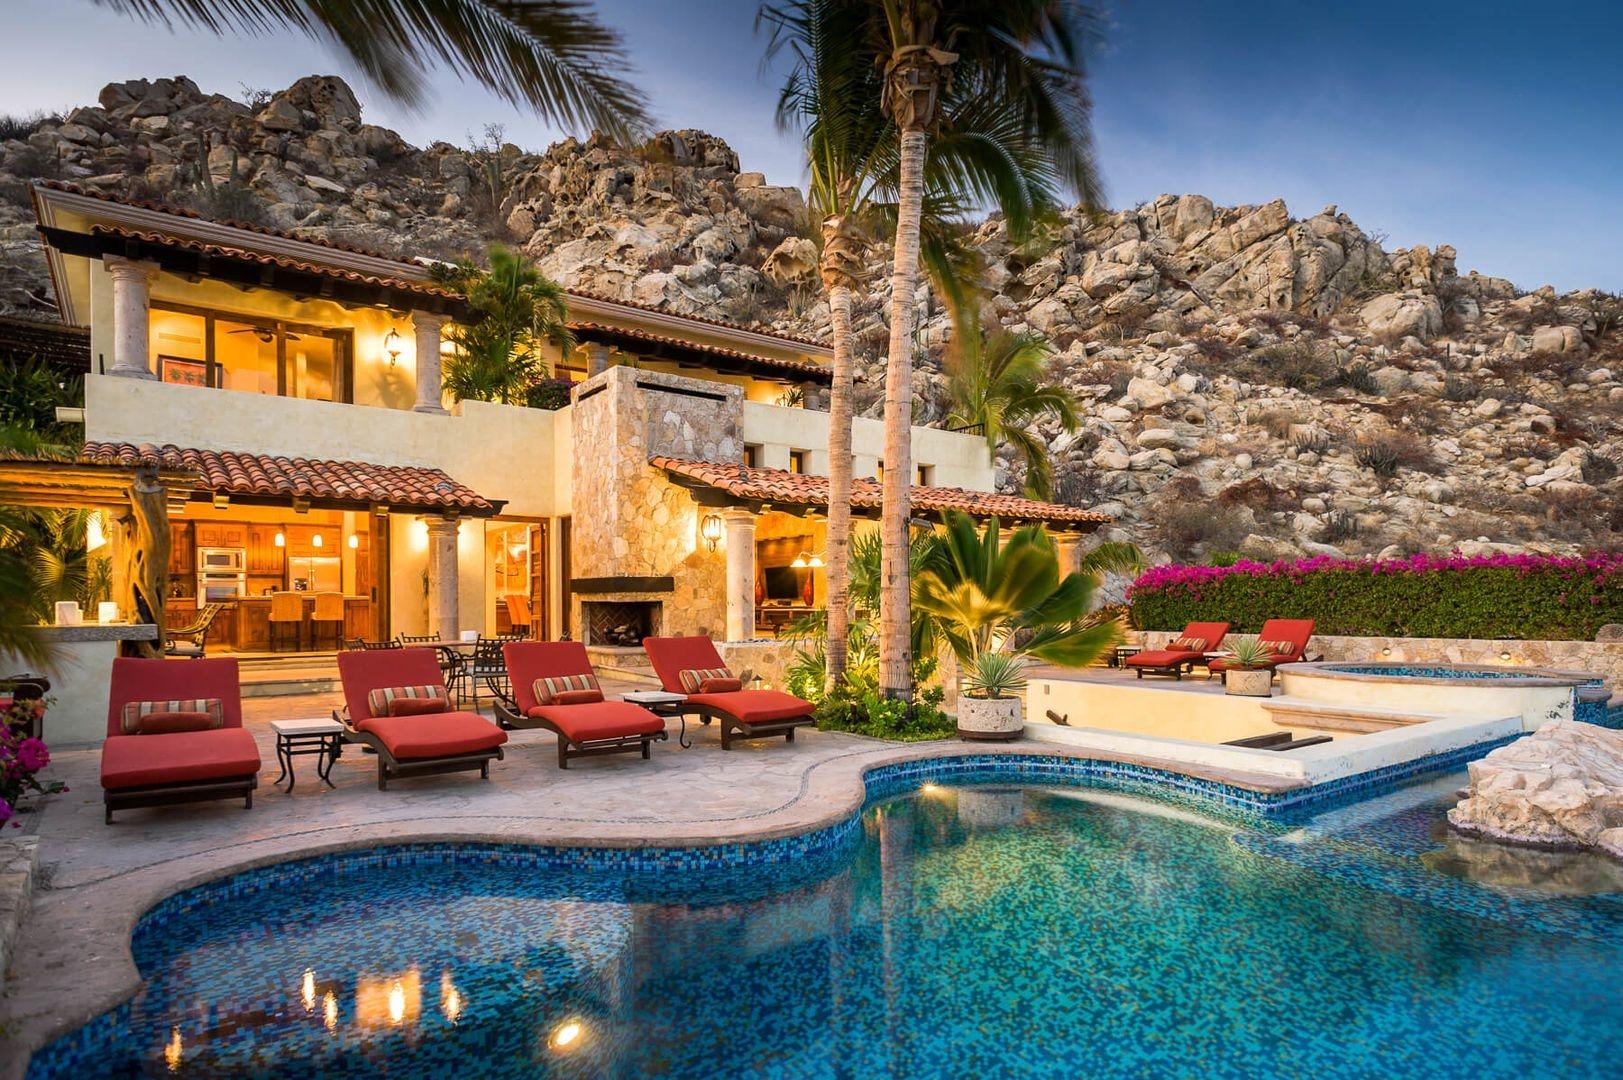 Luxury vacation rentals mexico - Los cabos - Cabo - Pedregal - Villa Andaluza - Image 1/25